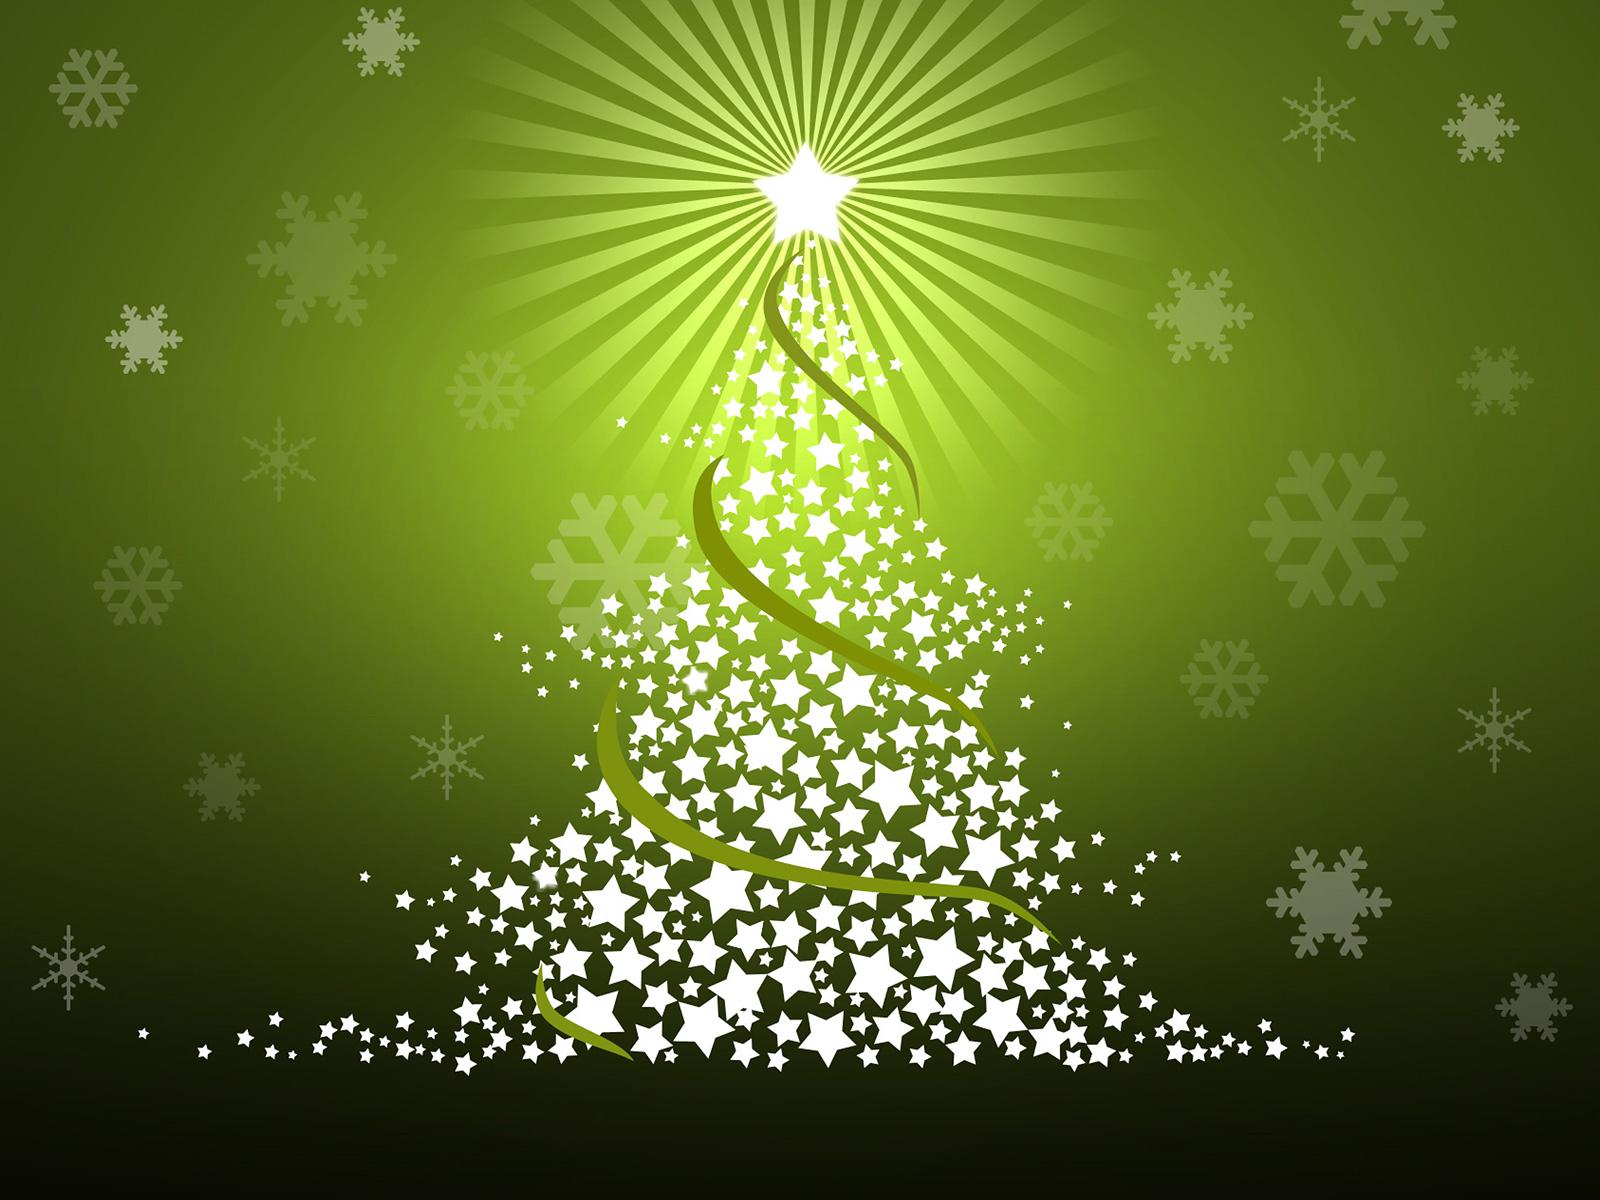 http://3.bp.blogspot.com/-1JpGXBT8pLU/TkF5CFjot6I/AAAAAAAAAJk/WWmrqXaRbo0/s1600/green-christmas-wallpapers-and-powerpoint-backgrounds-pictures-9%255B1%255D.jpg